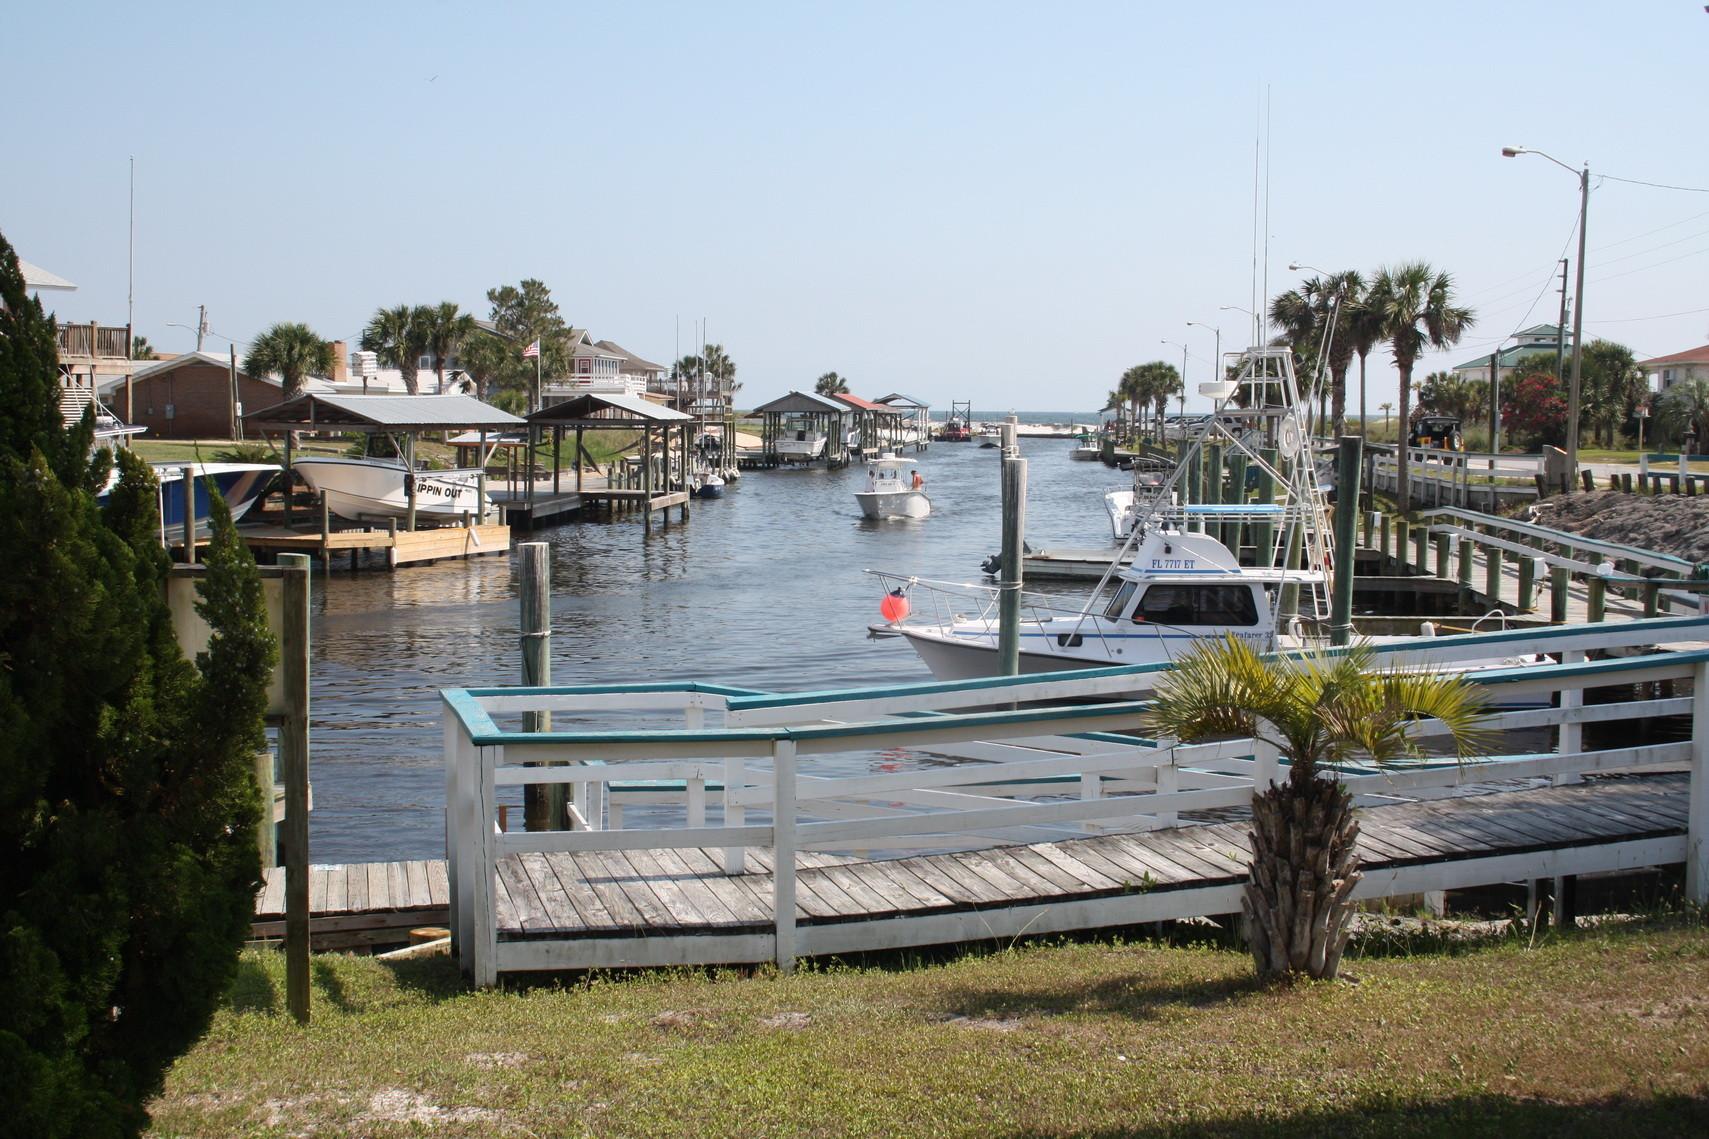 Kleiner Ort mit Hafen am Golf von Mexico